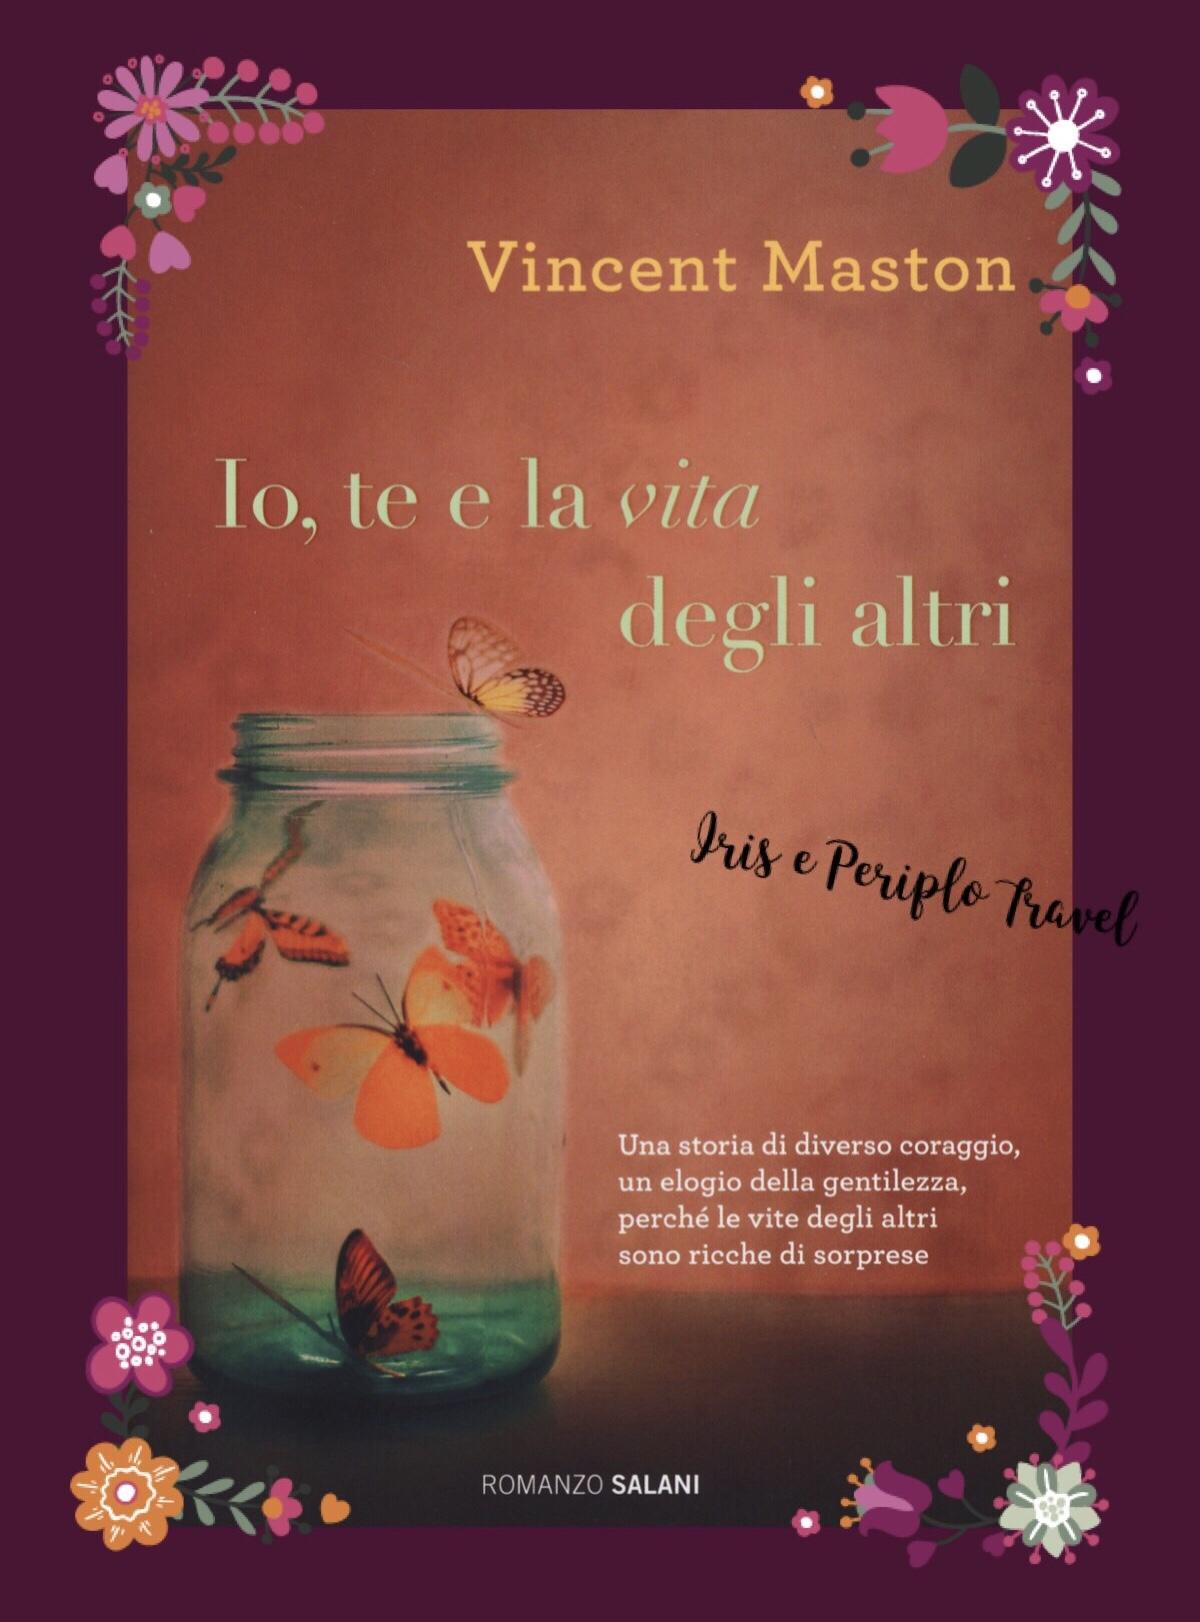 Copertina del libro Io, te e la vita degli altri